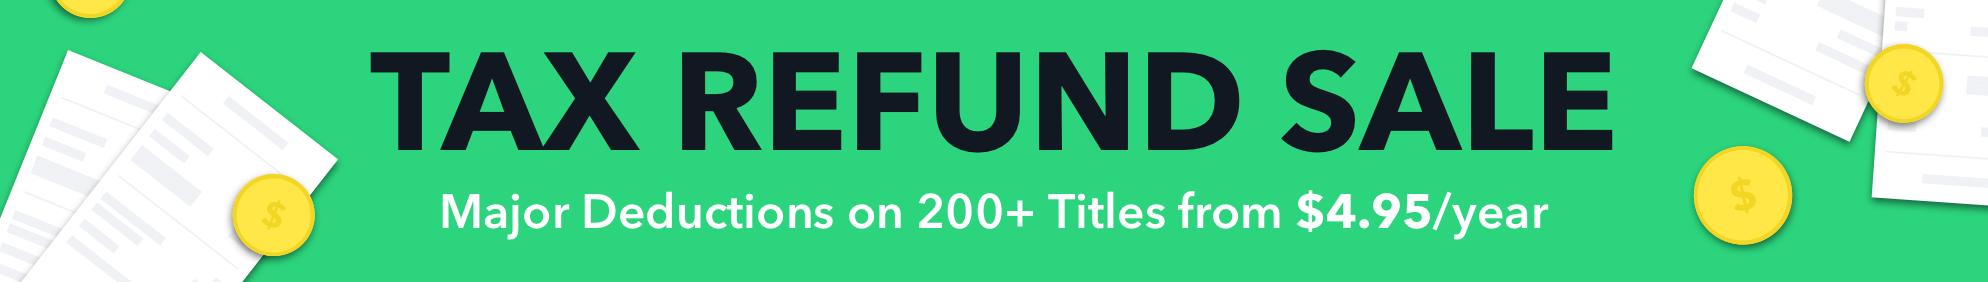 Tax Refund Sale 2018